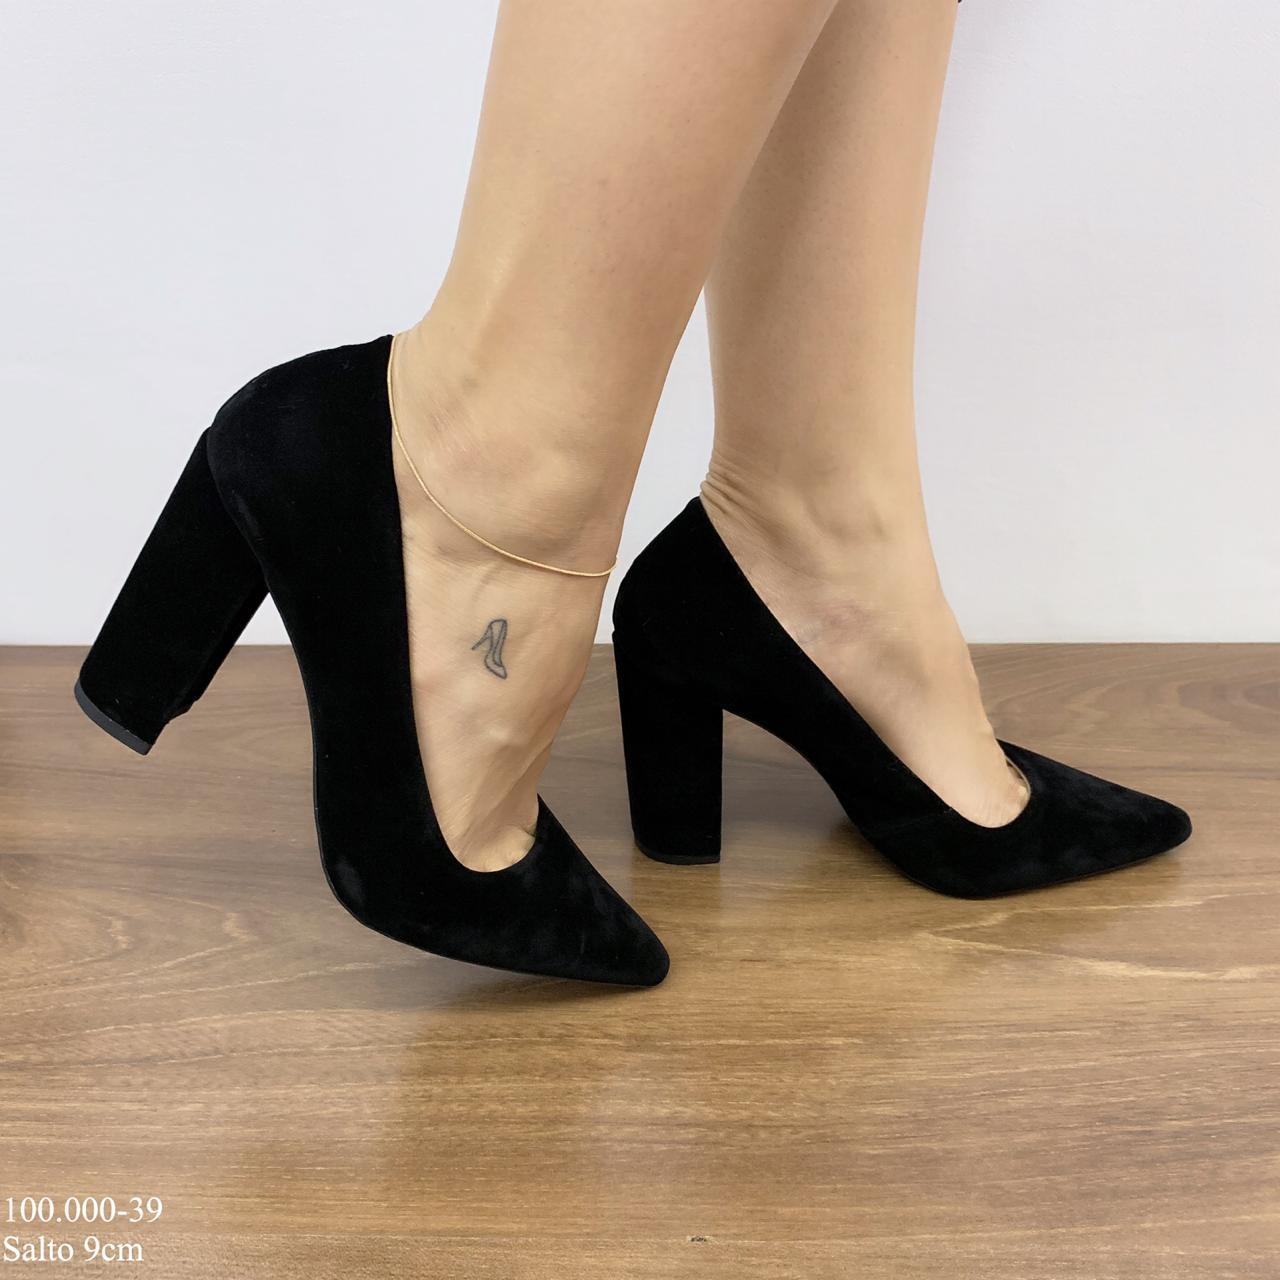 Sapato Scarpin Preto | D-100.000-39